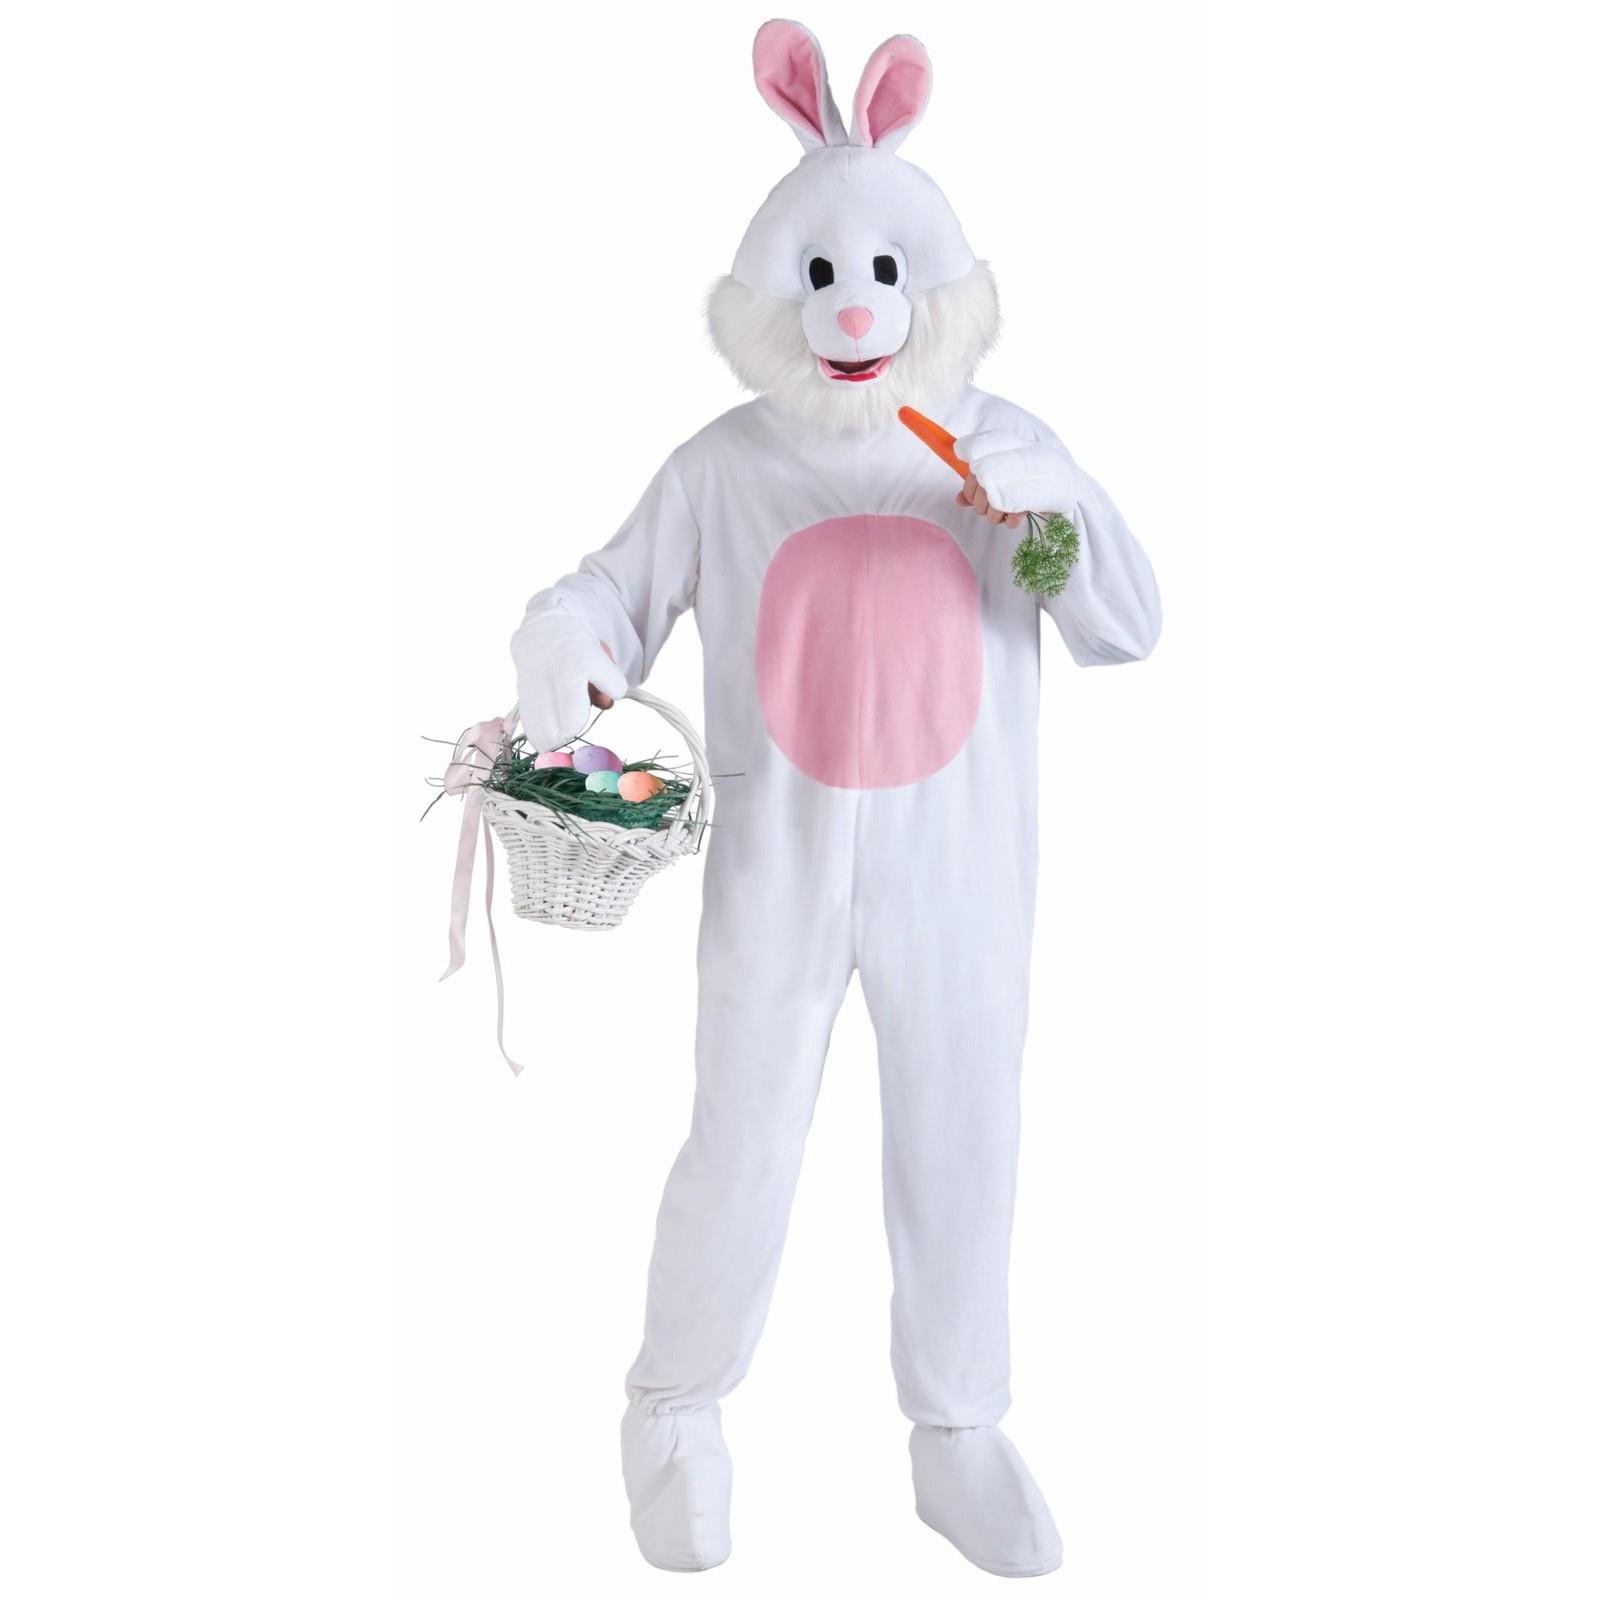 e415d06952340 Easter Bunny Costumes - Walmart.com